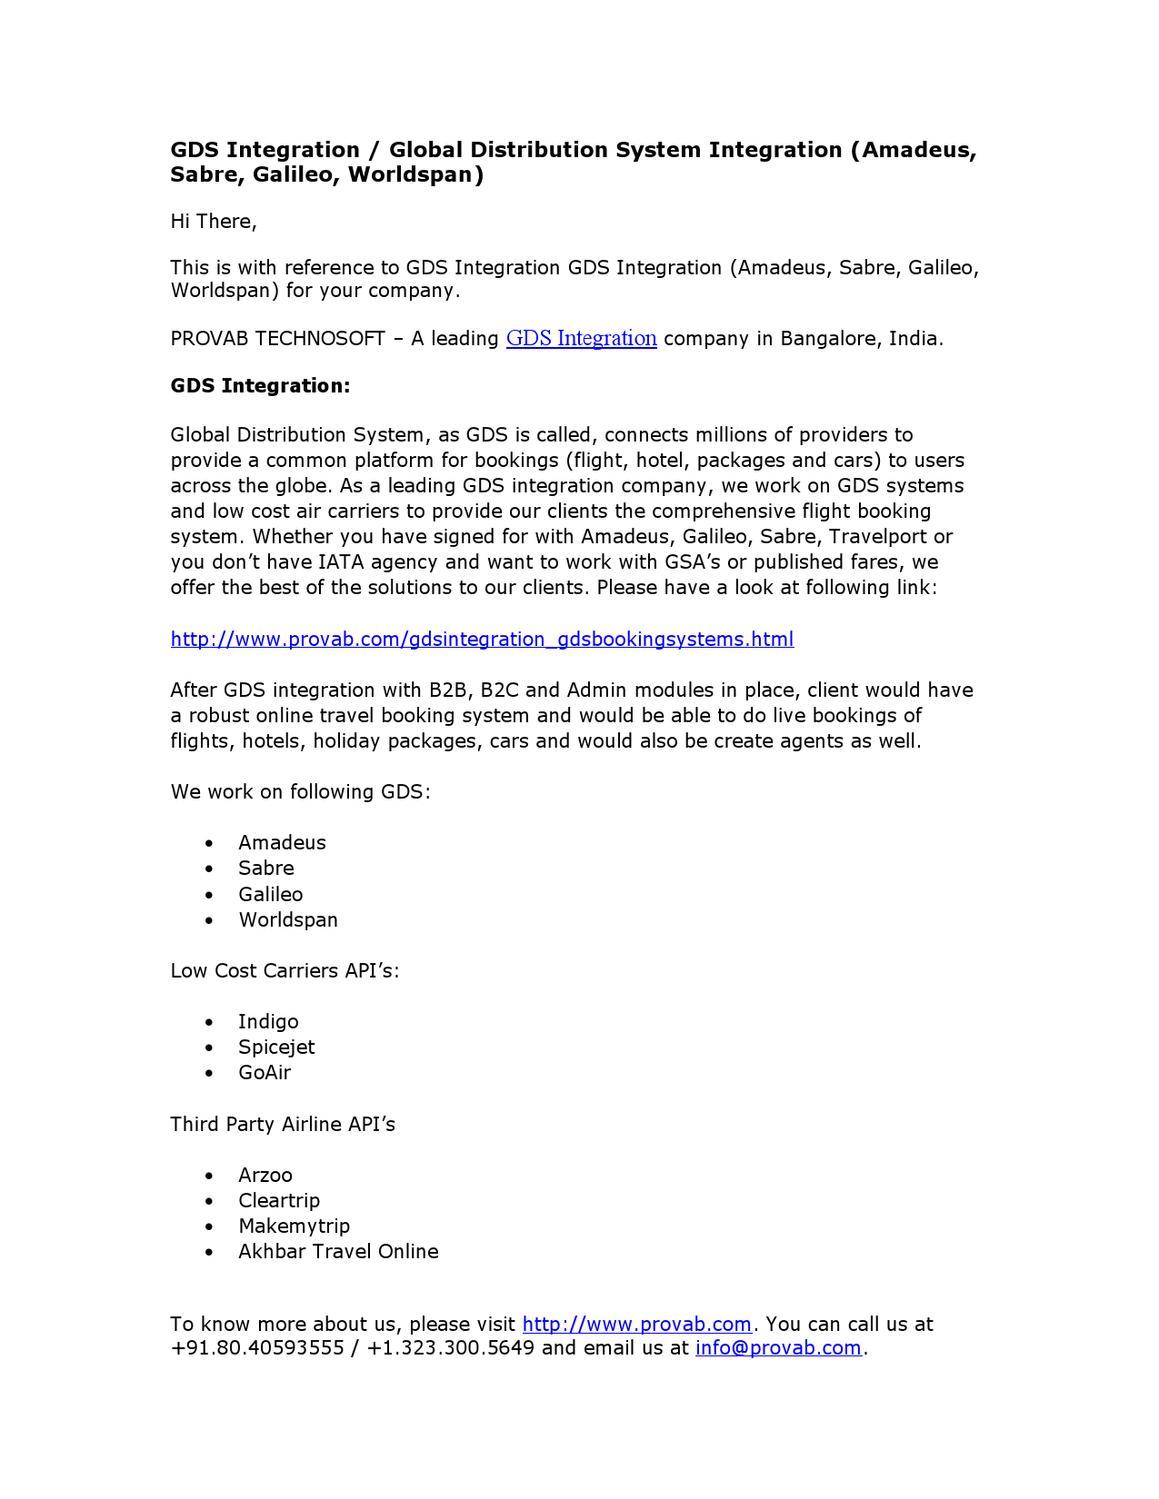 GDS Integration / Global Distribution System Integration (Amadeus